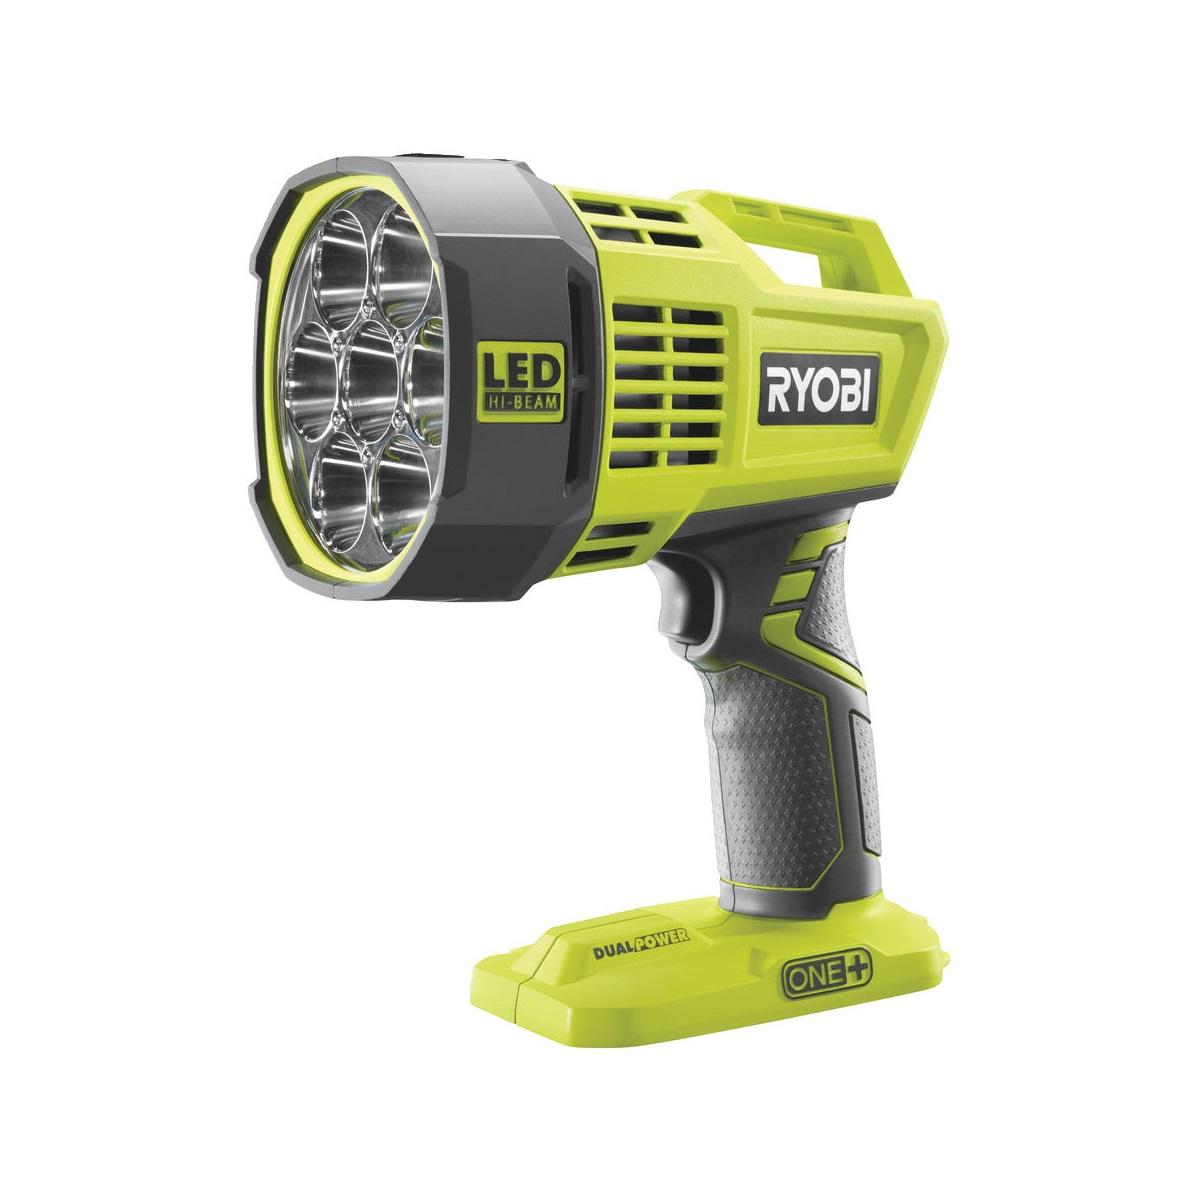 aku 18 V LED bodová svítilna ONE+ Ryobi R18SPL-0